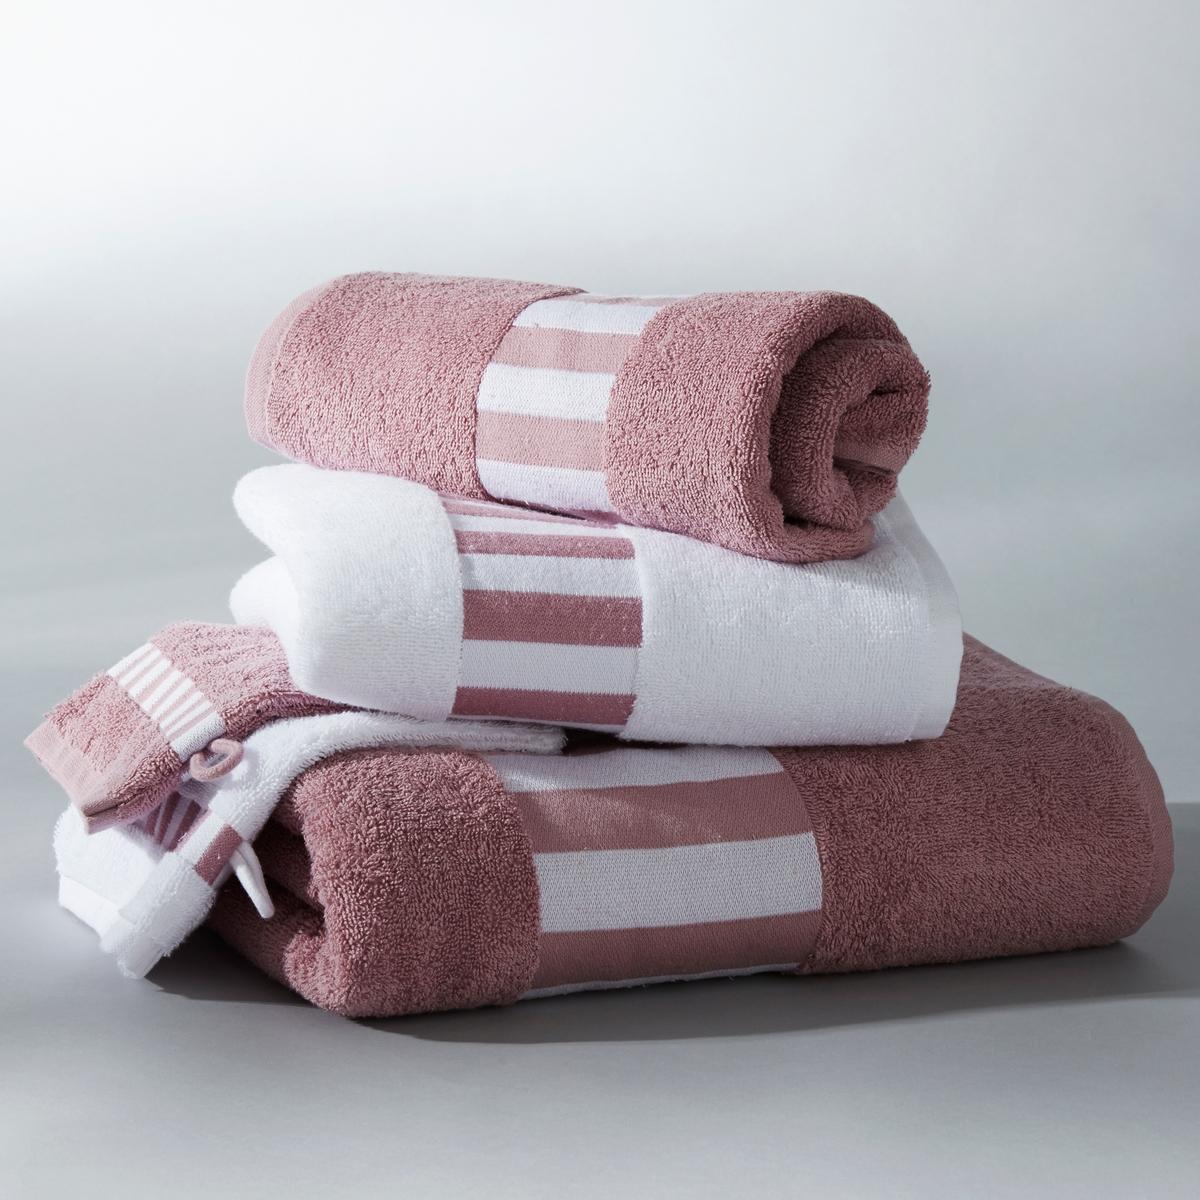 Набор из 1 банного полотенца + 2 полотенец + 2 банных рукавичек, 420 г/м2Набор банных принадлежностей включает:- 1 банное полотенце (70 x 140 см) - 2 туалетных полотенца (50 x 100 см) - 2 банные рукавички (15 x 21 см)<br><br>Цвет: фиалковый